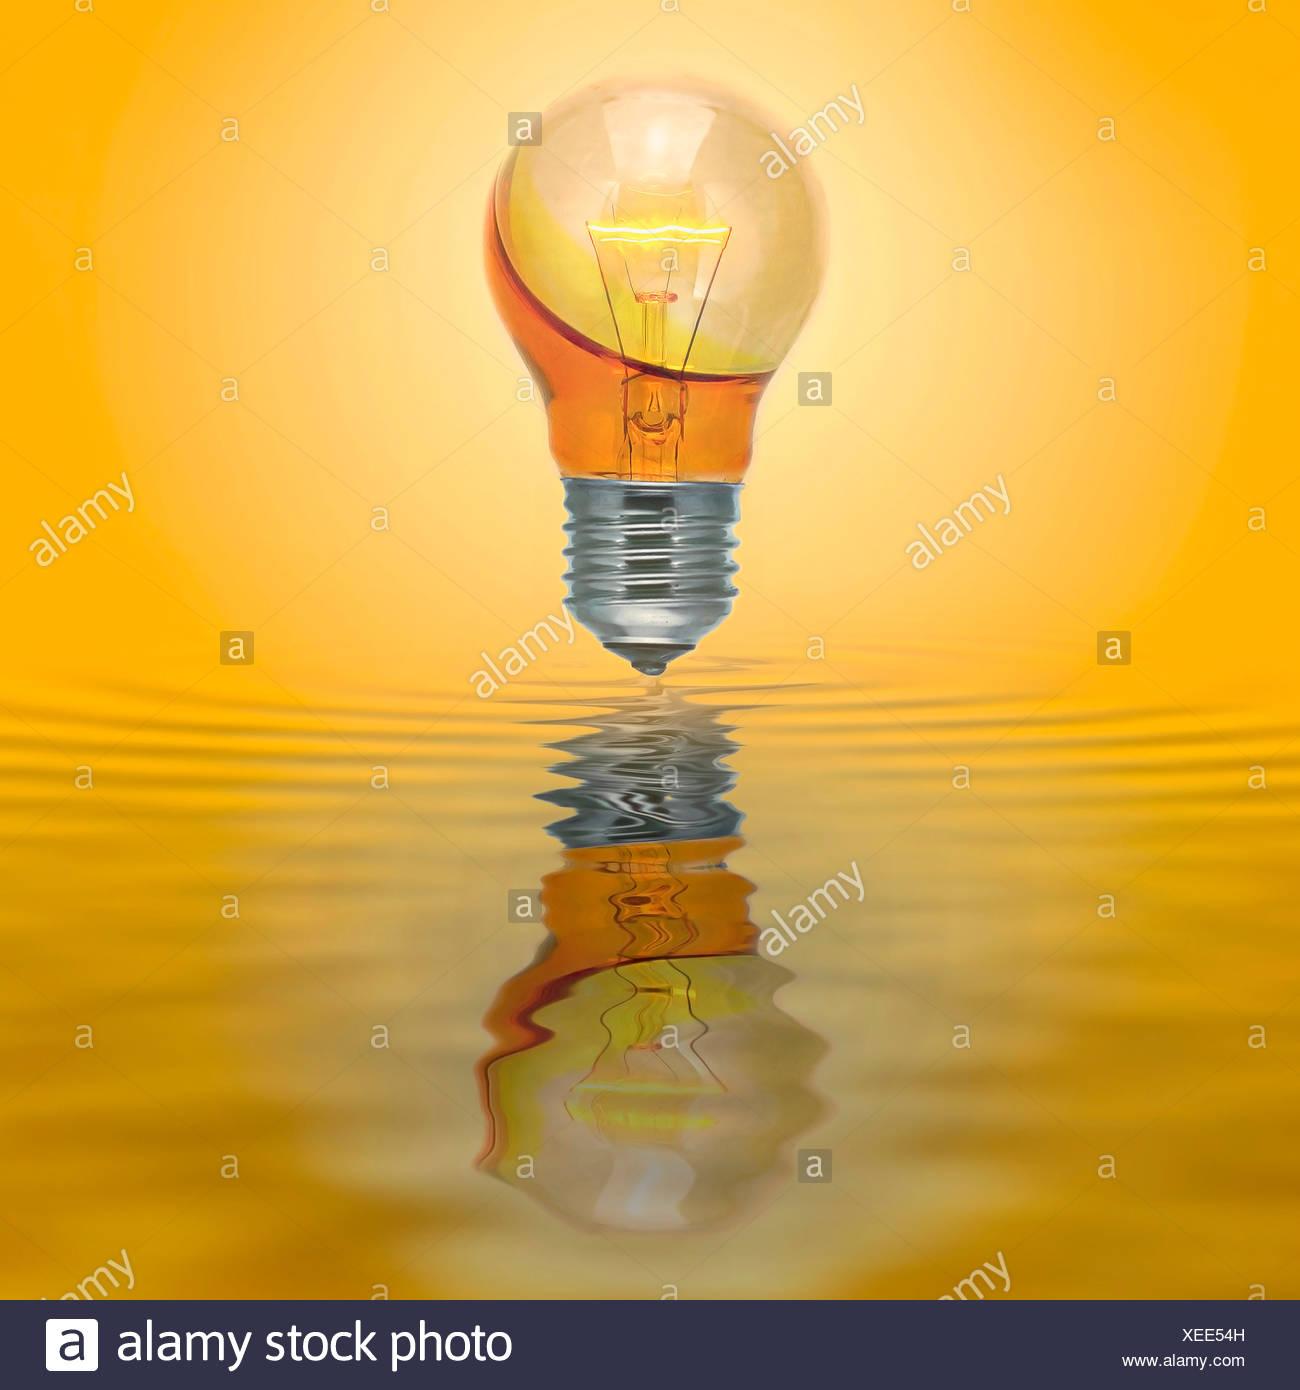 Bombilla ilumine con ninguna conexión eléctrica llena con agua amarilla. Imagen De Stock